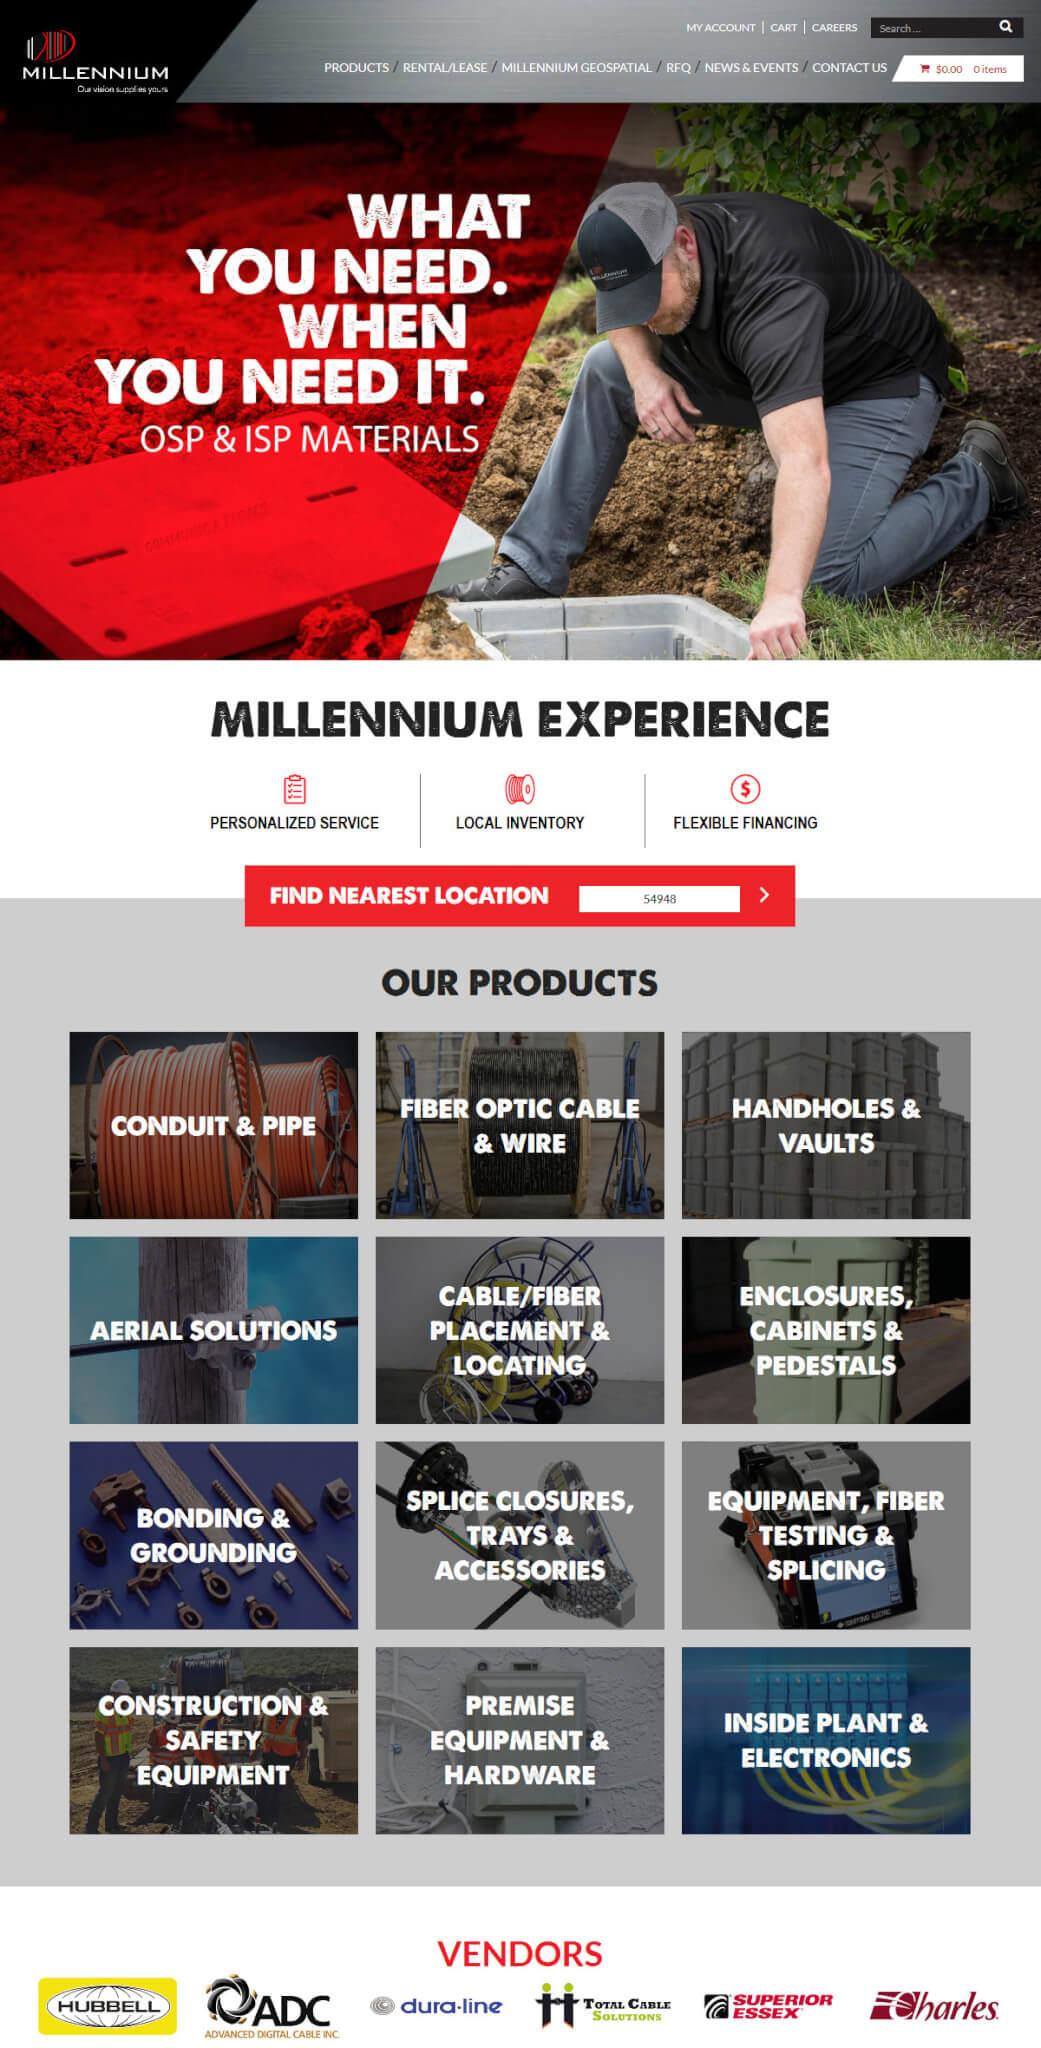 Millennium Experience